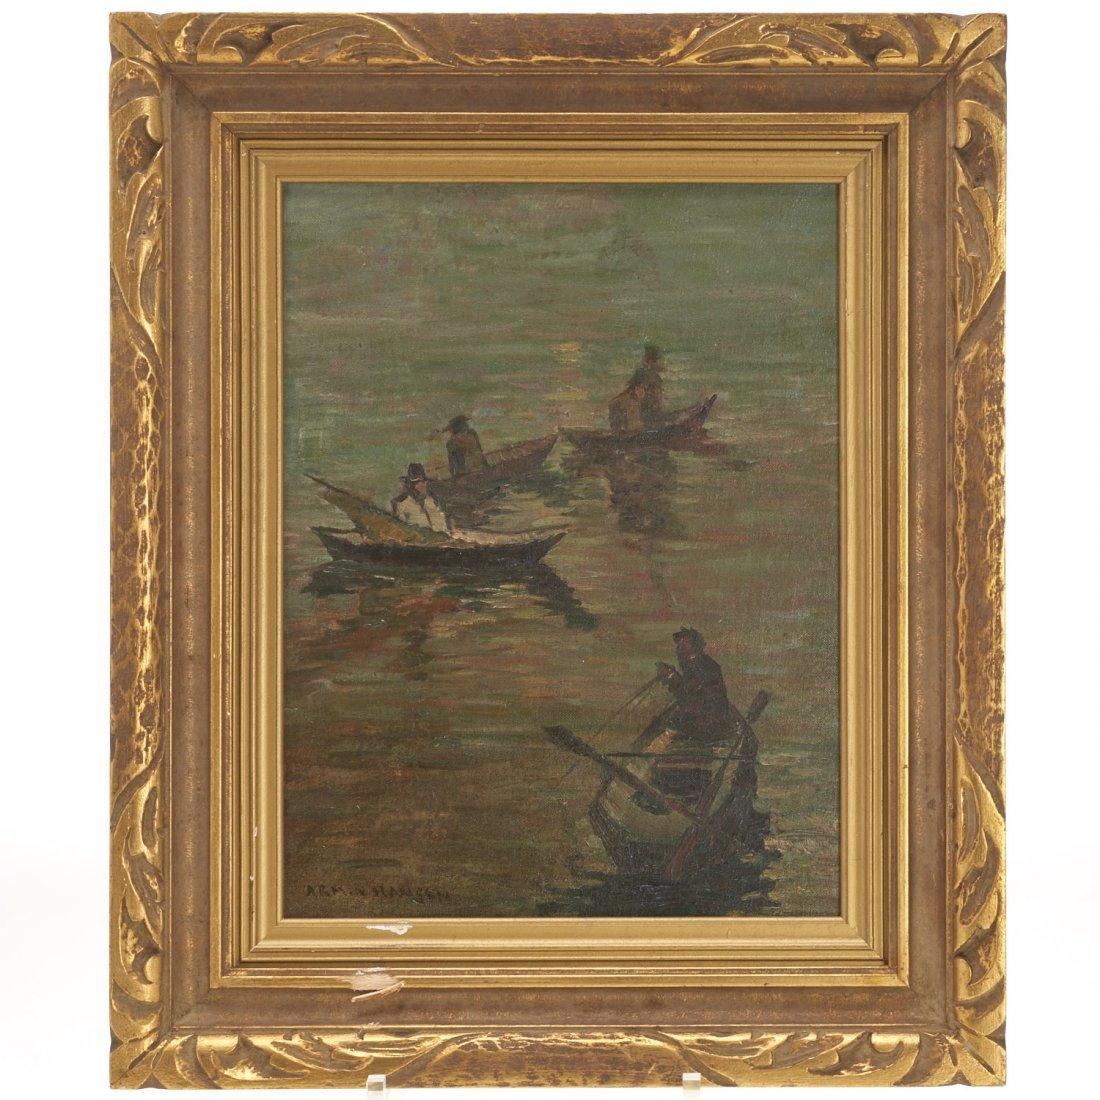 Armin Hansen, oil painting